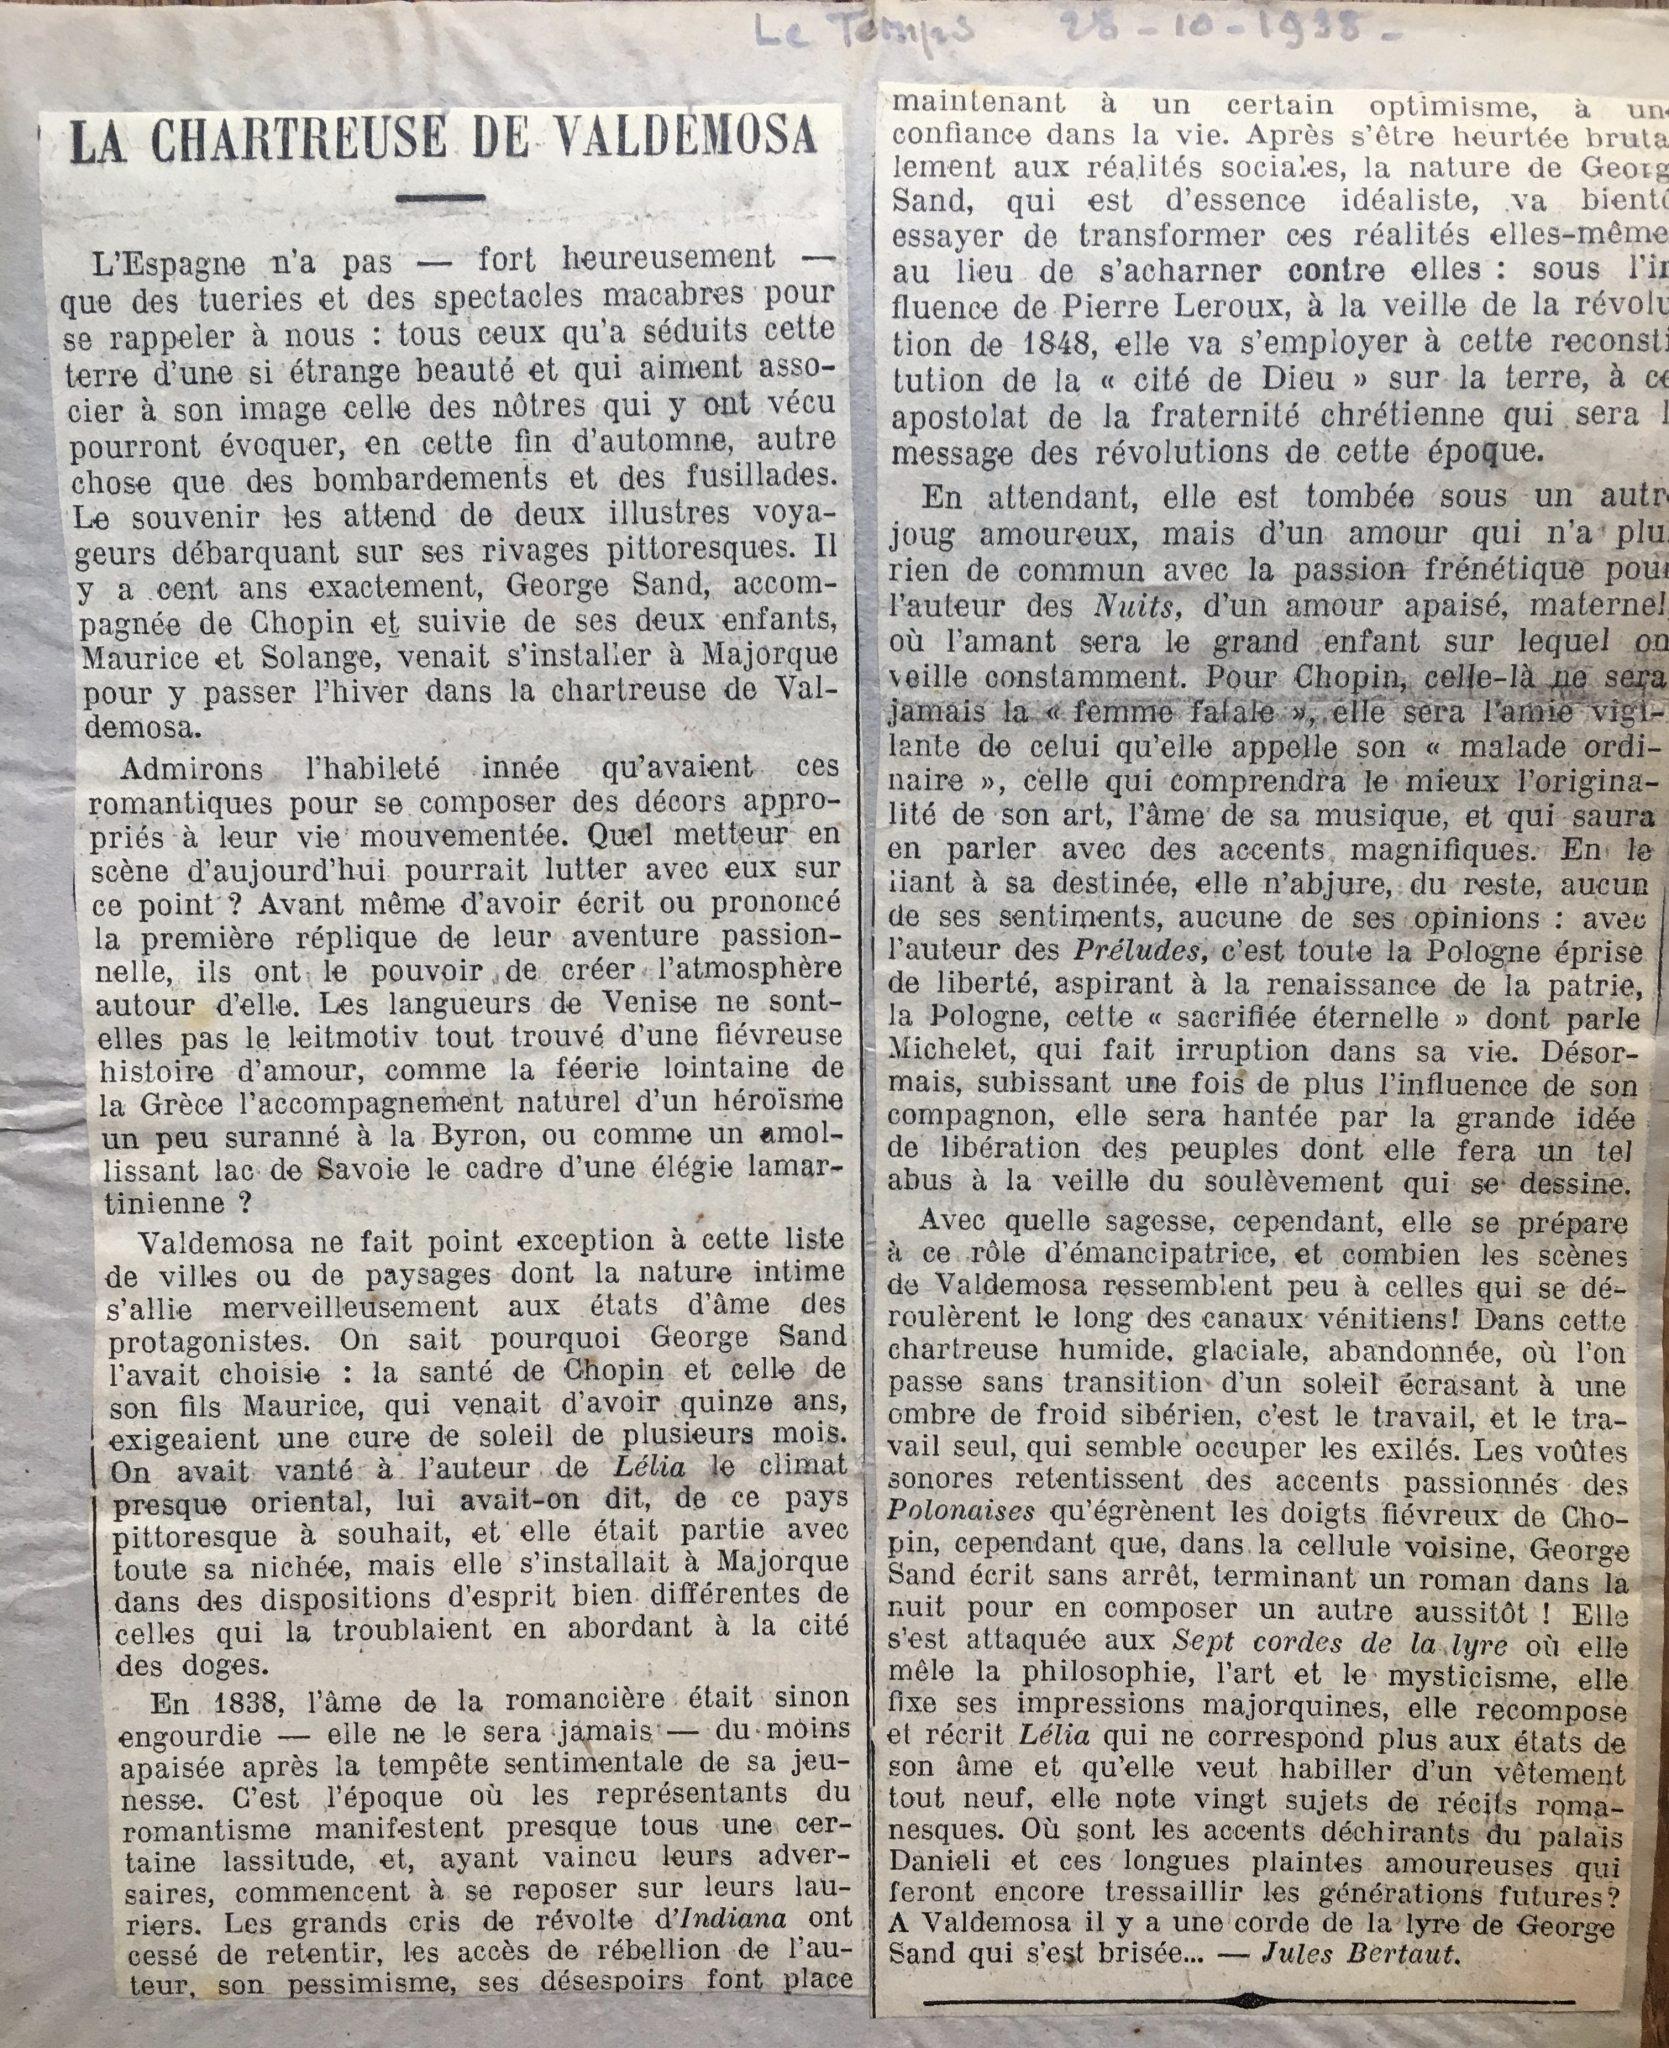 La Chartreuse de Valldemosa 1838